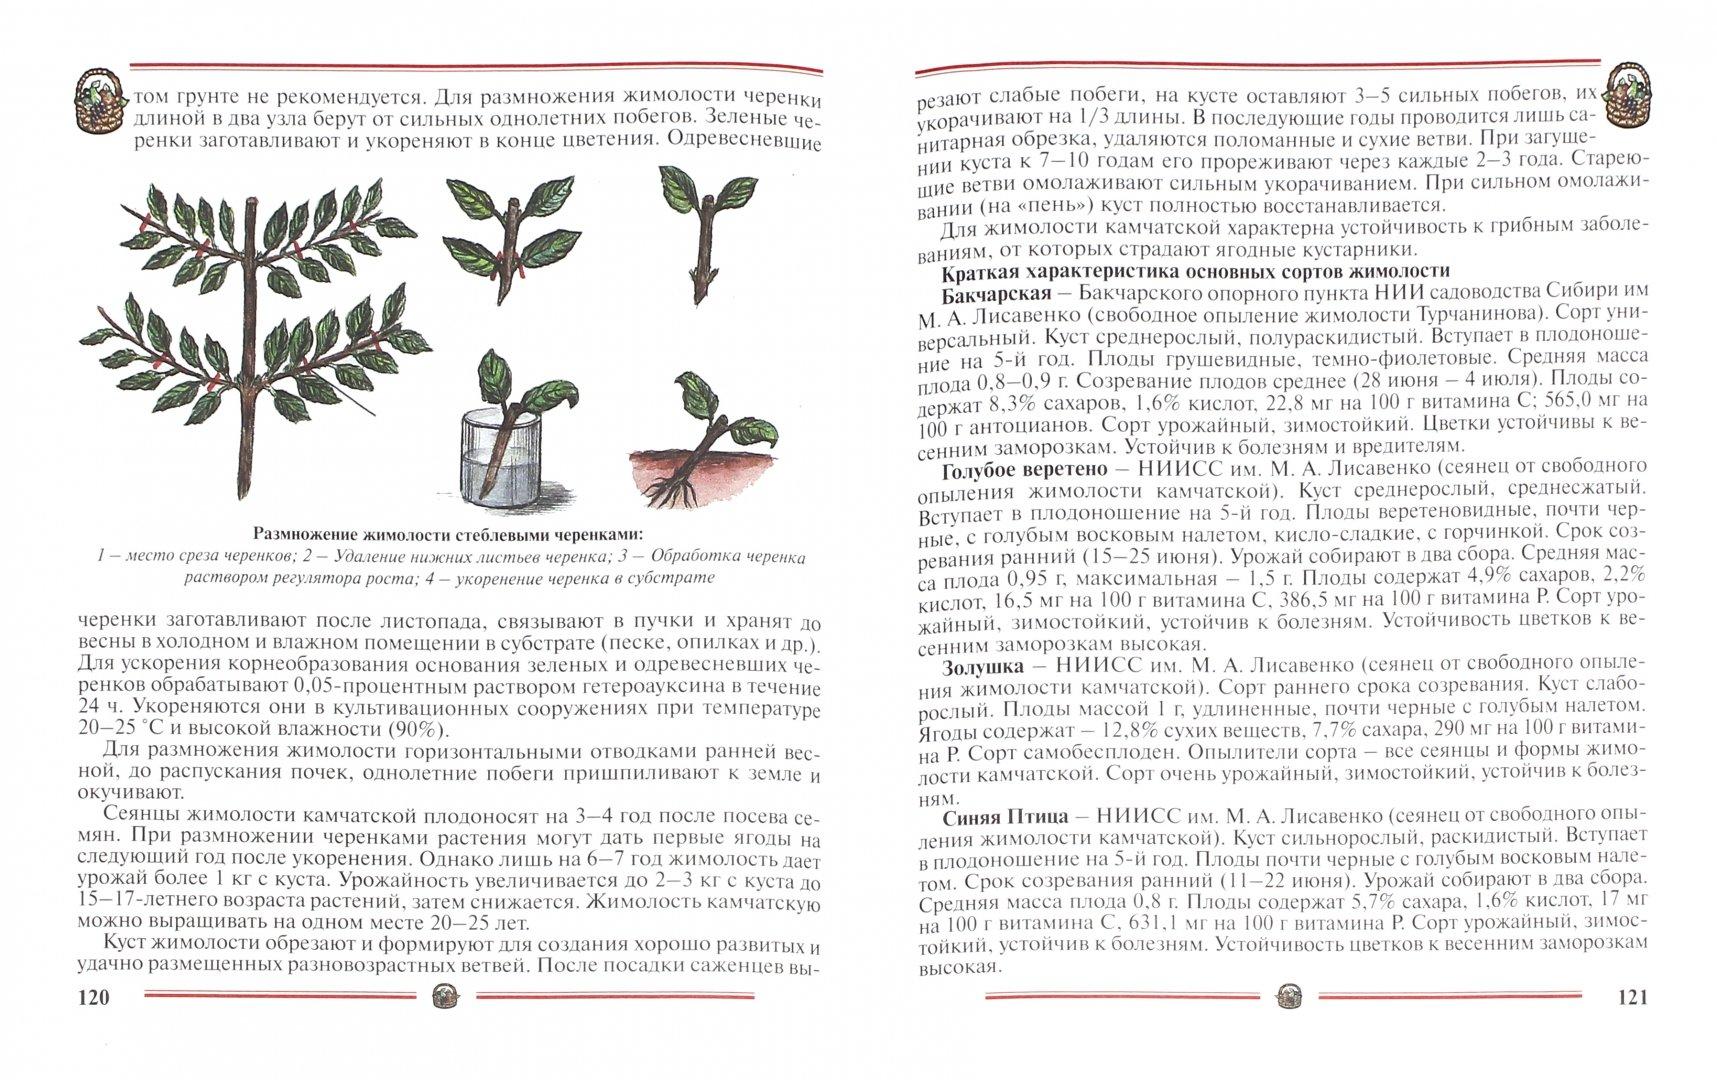 Иллюстрация 1 из 45 для Ранний урожай плодов, ягод. Пособие для садоводов-любителей - Александр Ракитин | Лабиринт - книги. Источник: Лабиринт